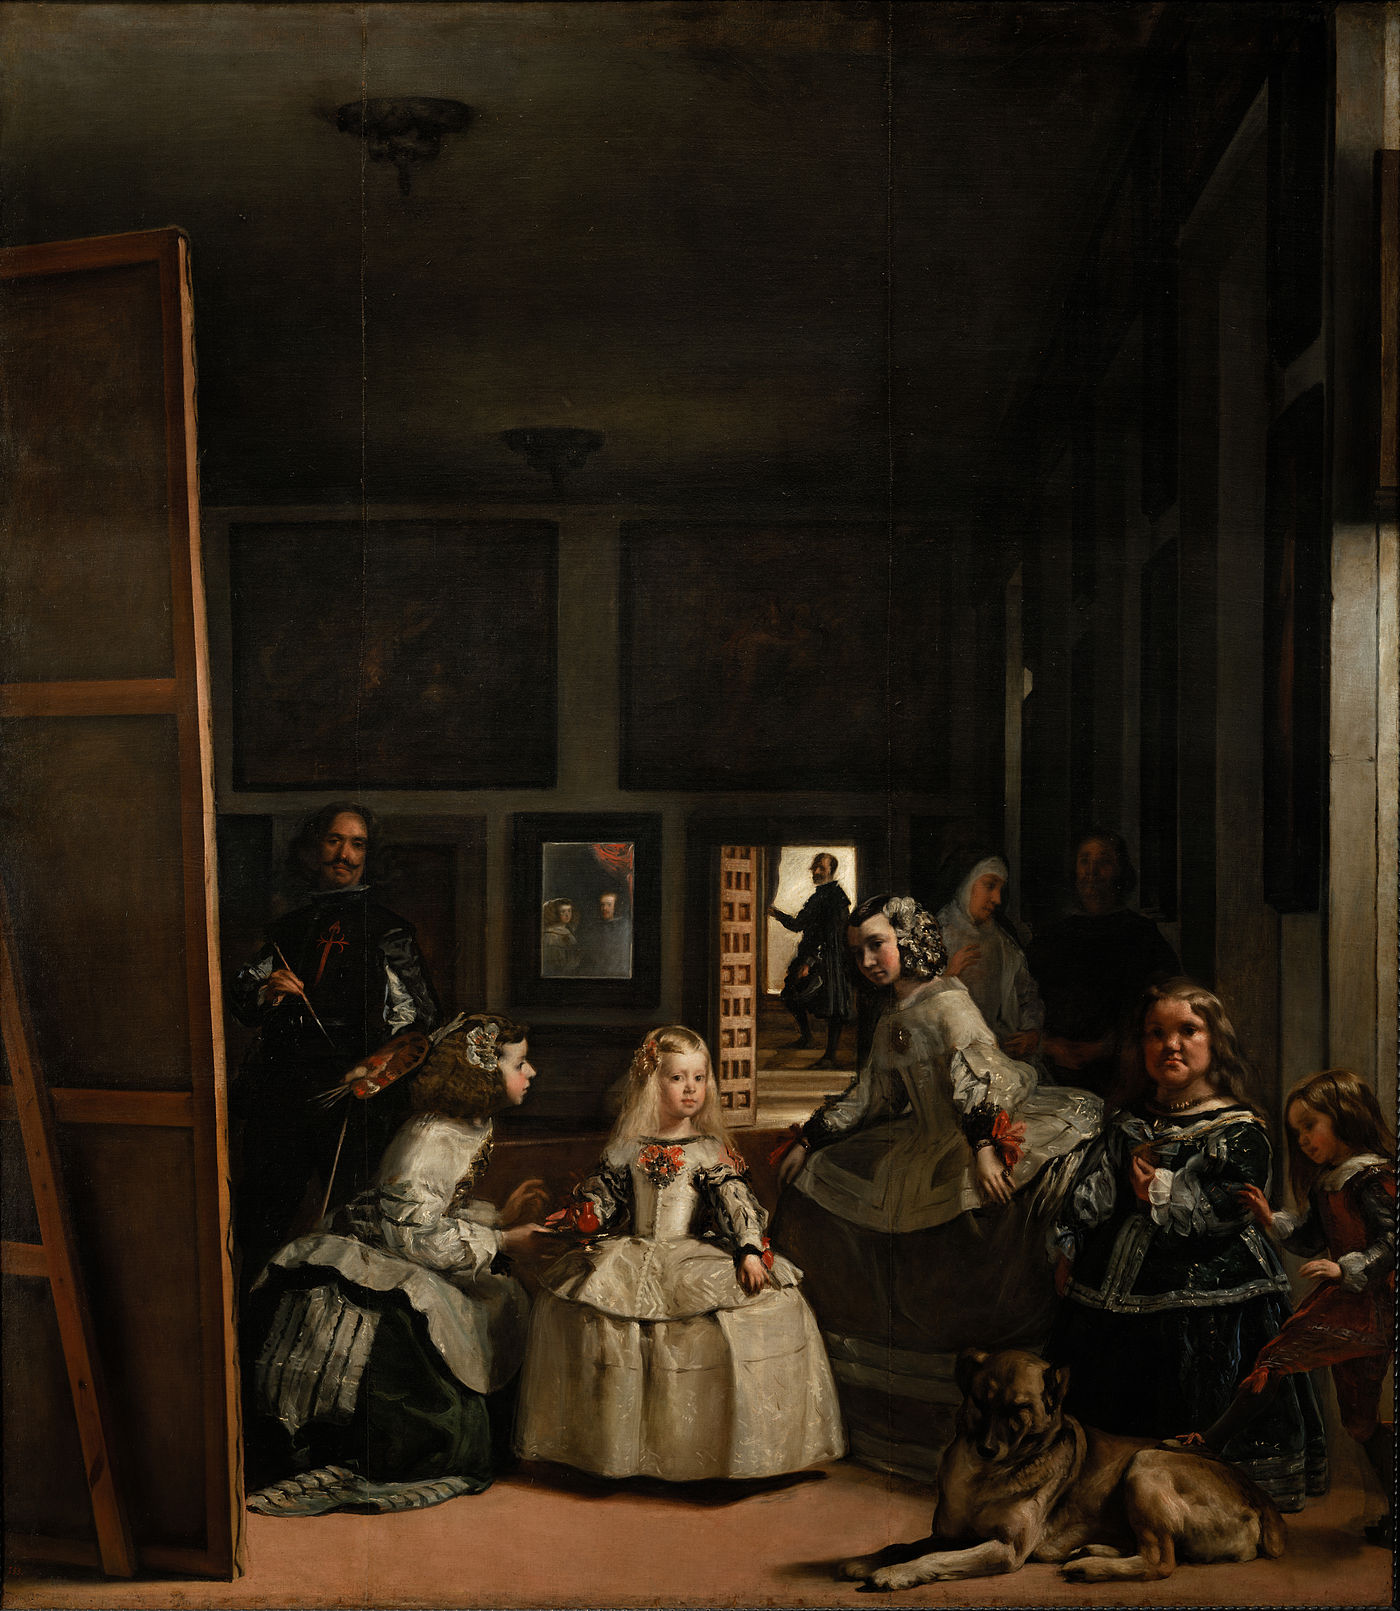 Las Meninas, Diego de Velásquez, 1656 Museo del Prado